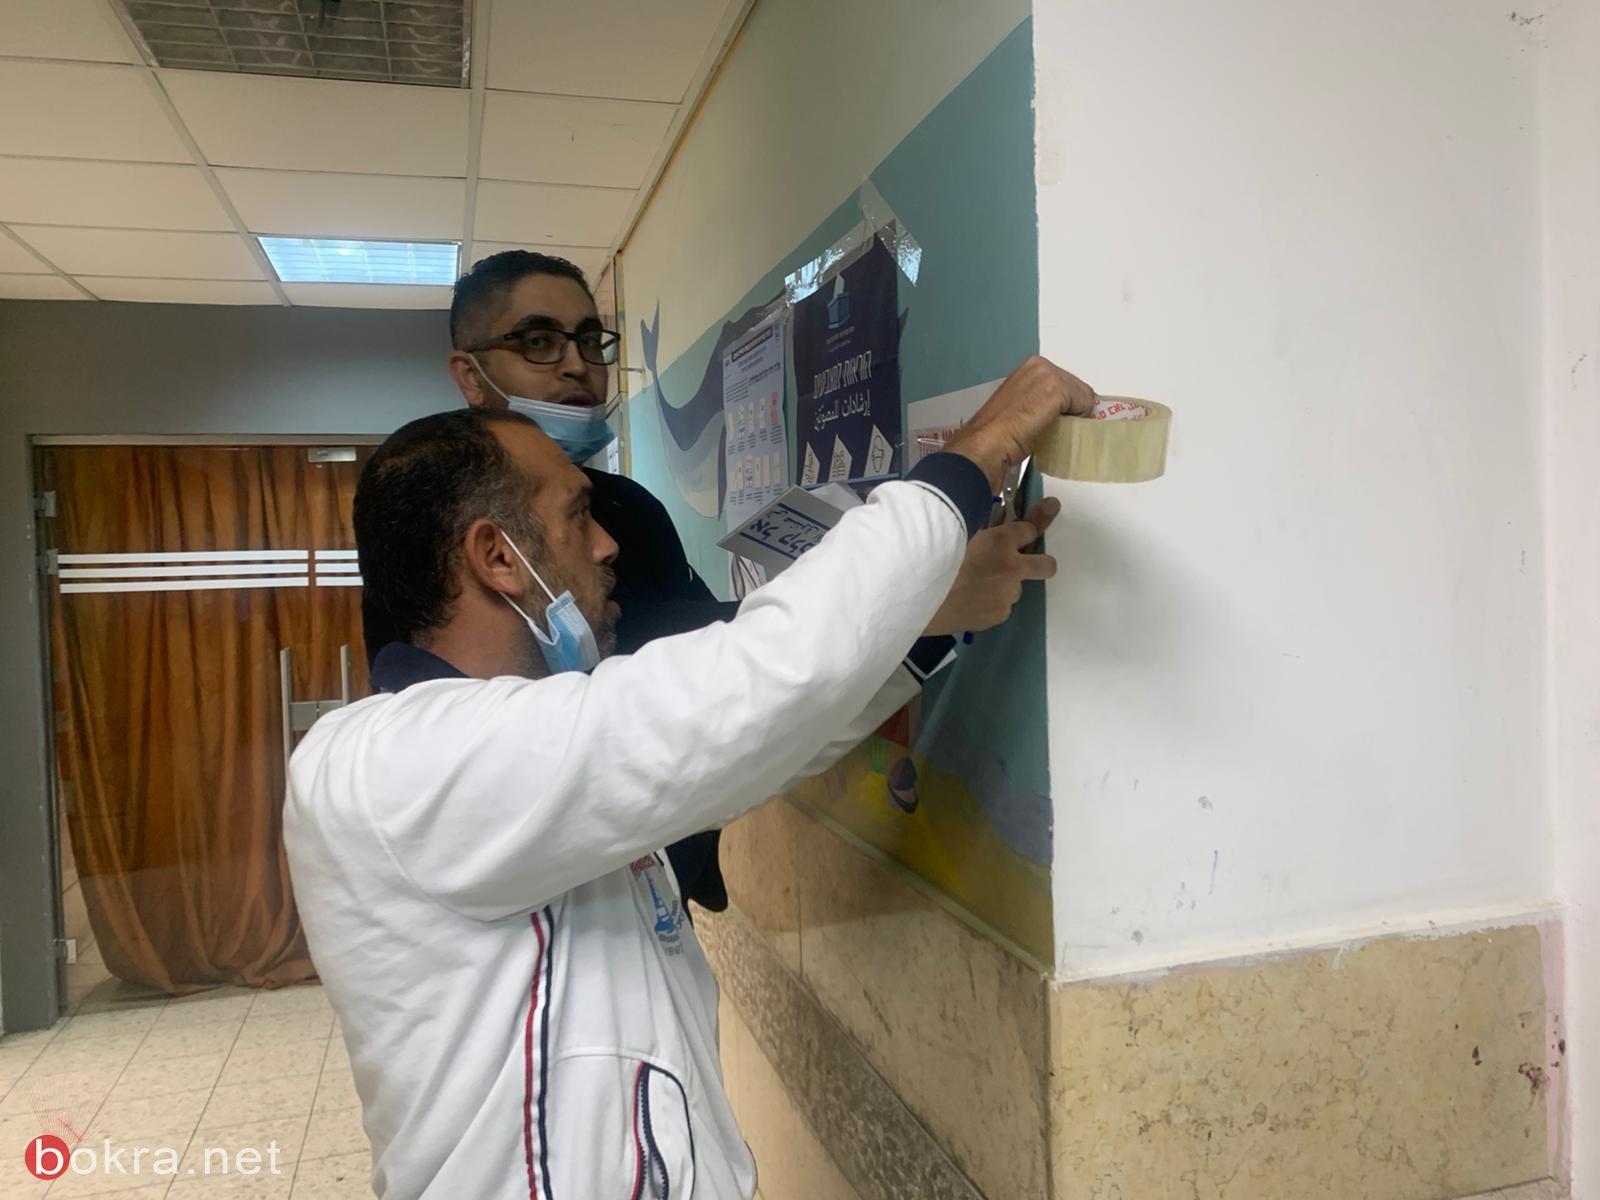 ام الفحم: أكثر من 36 ألف صاحب حق اقتراع .. افتتاح الصناديق وسط توقعات بنسبة تصويت عالية